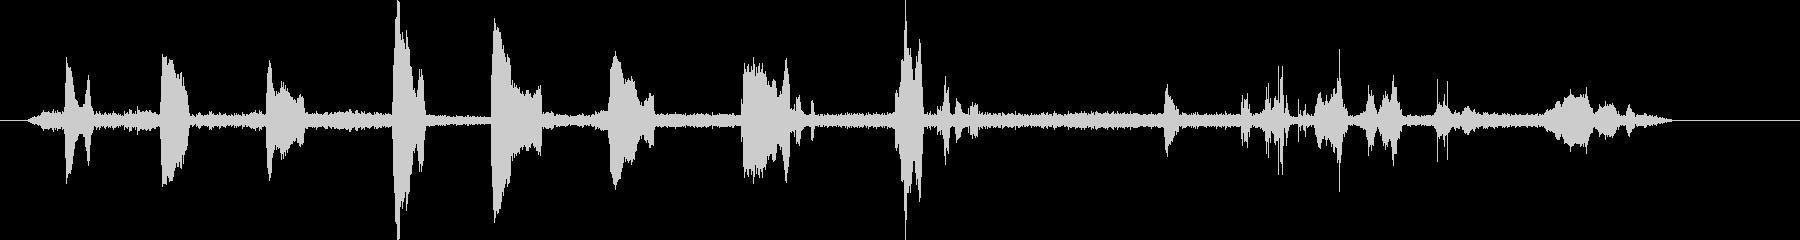 シール、エレファントコール、クライ...の未再生の波形